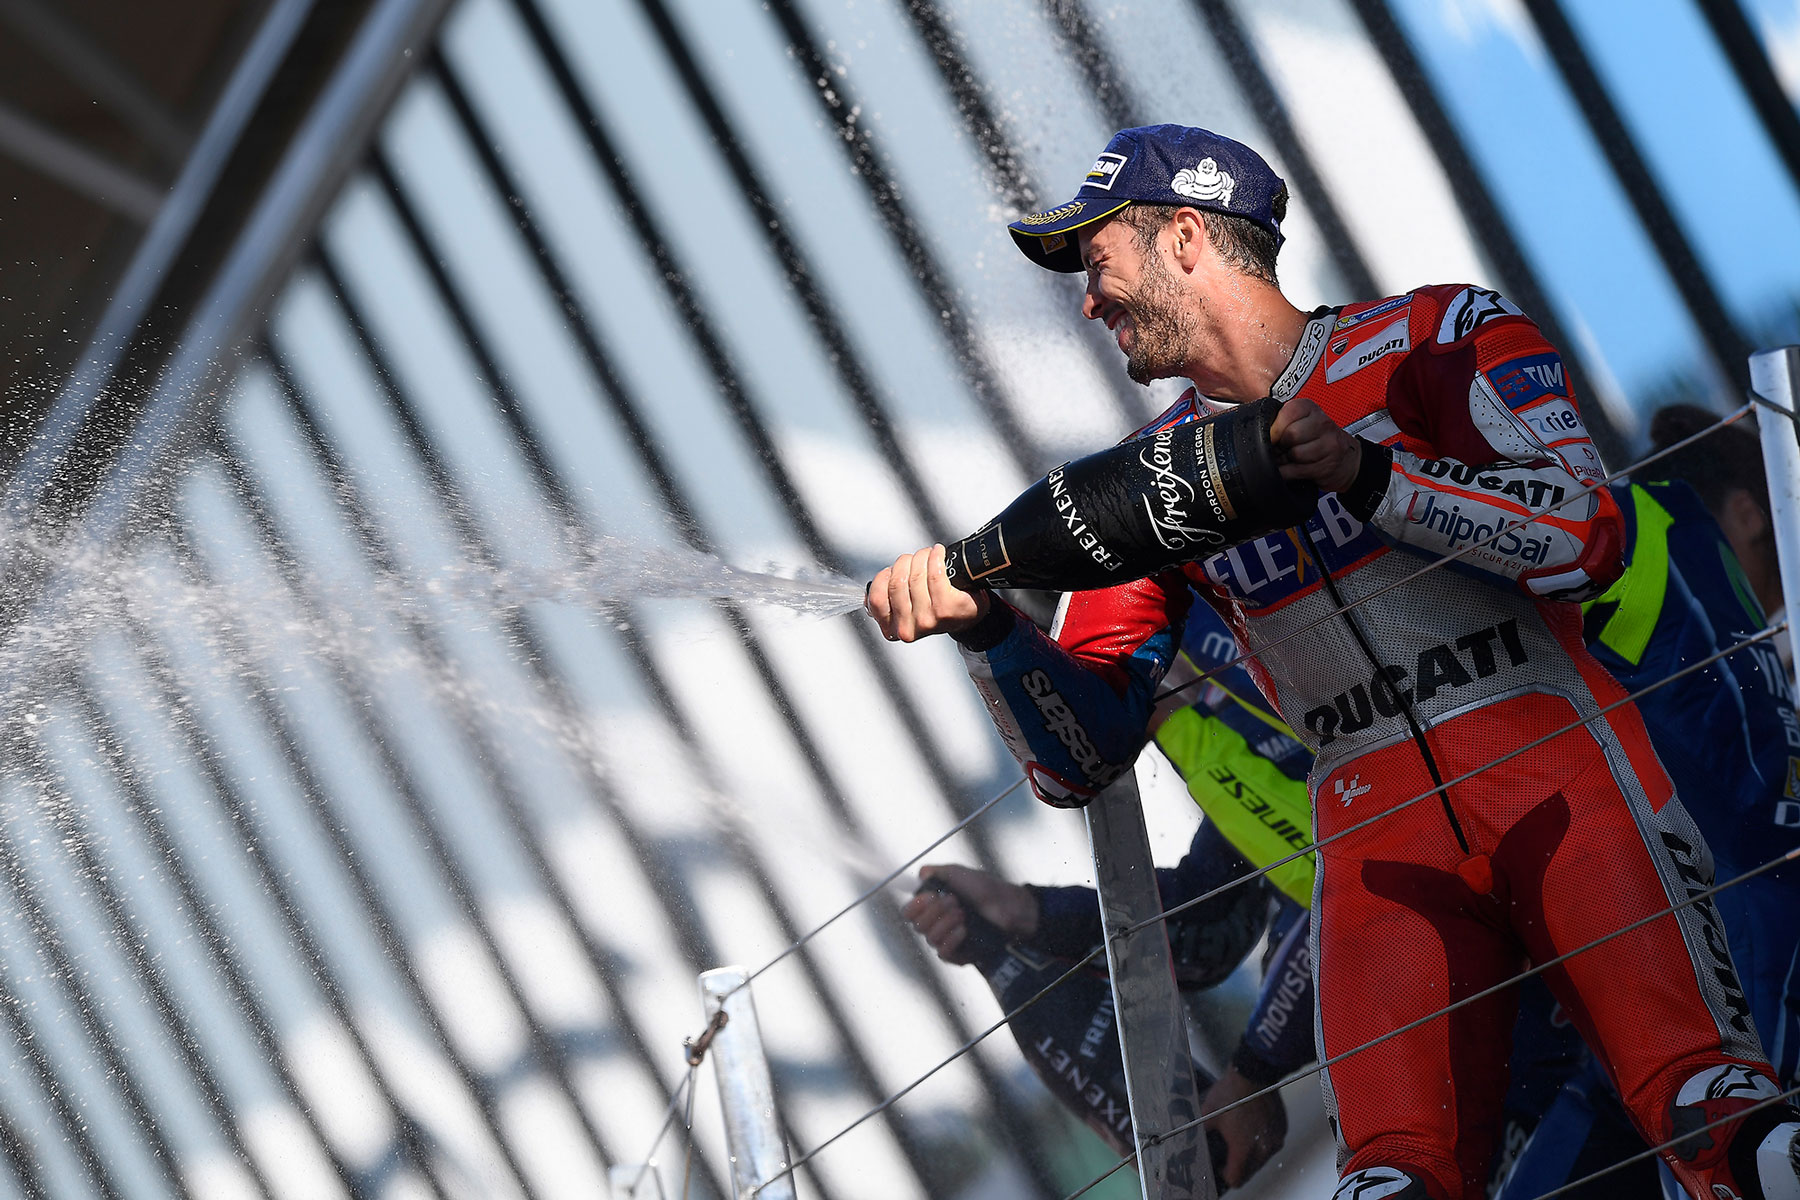 Dovizioso vince anche il British GP e torna in testa al mondiale